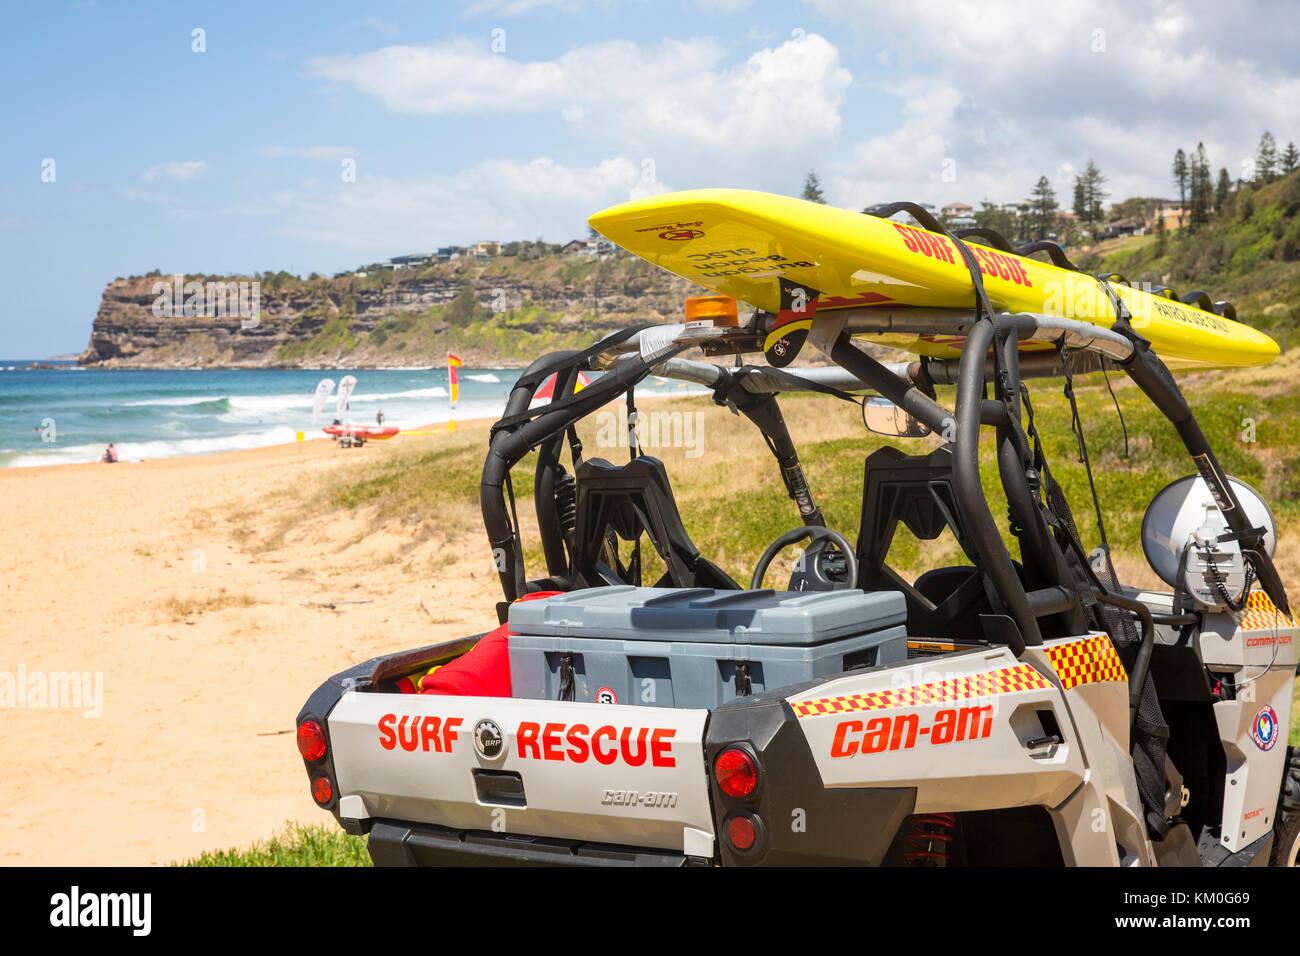 Les bénévoles de sauvetage sauvetage Surf sur Bungan beach, Sydney, Australie Banque D'Images